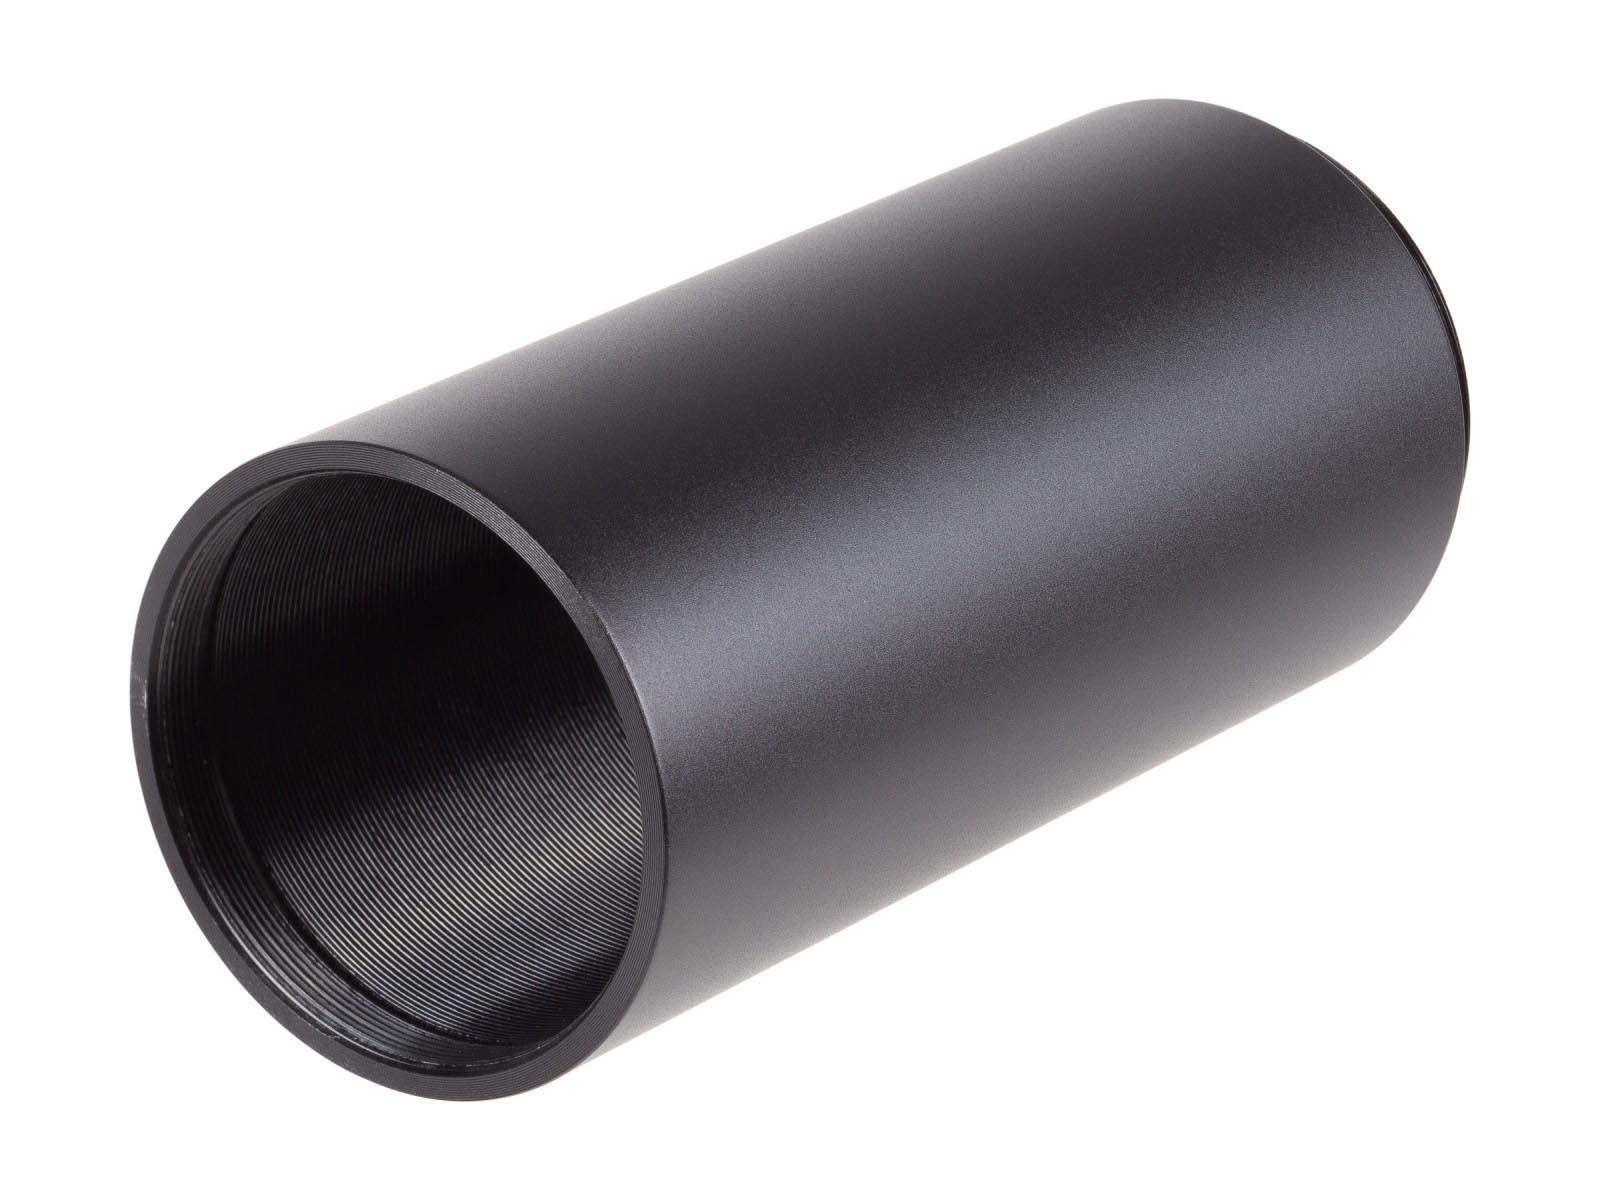 Athlon Talos Sunshade, 44mm